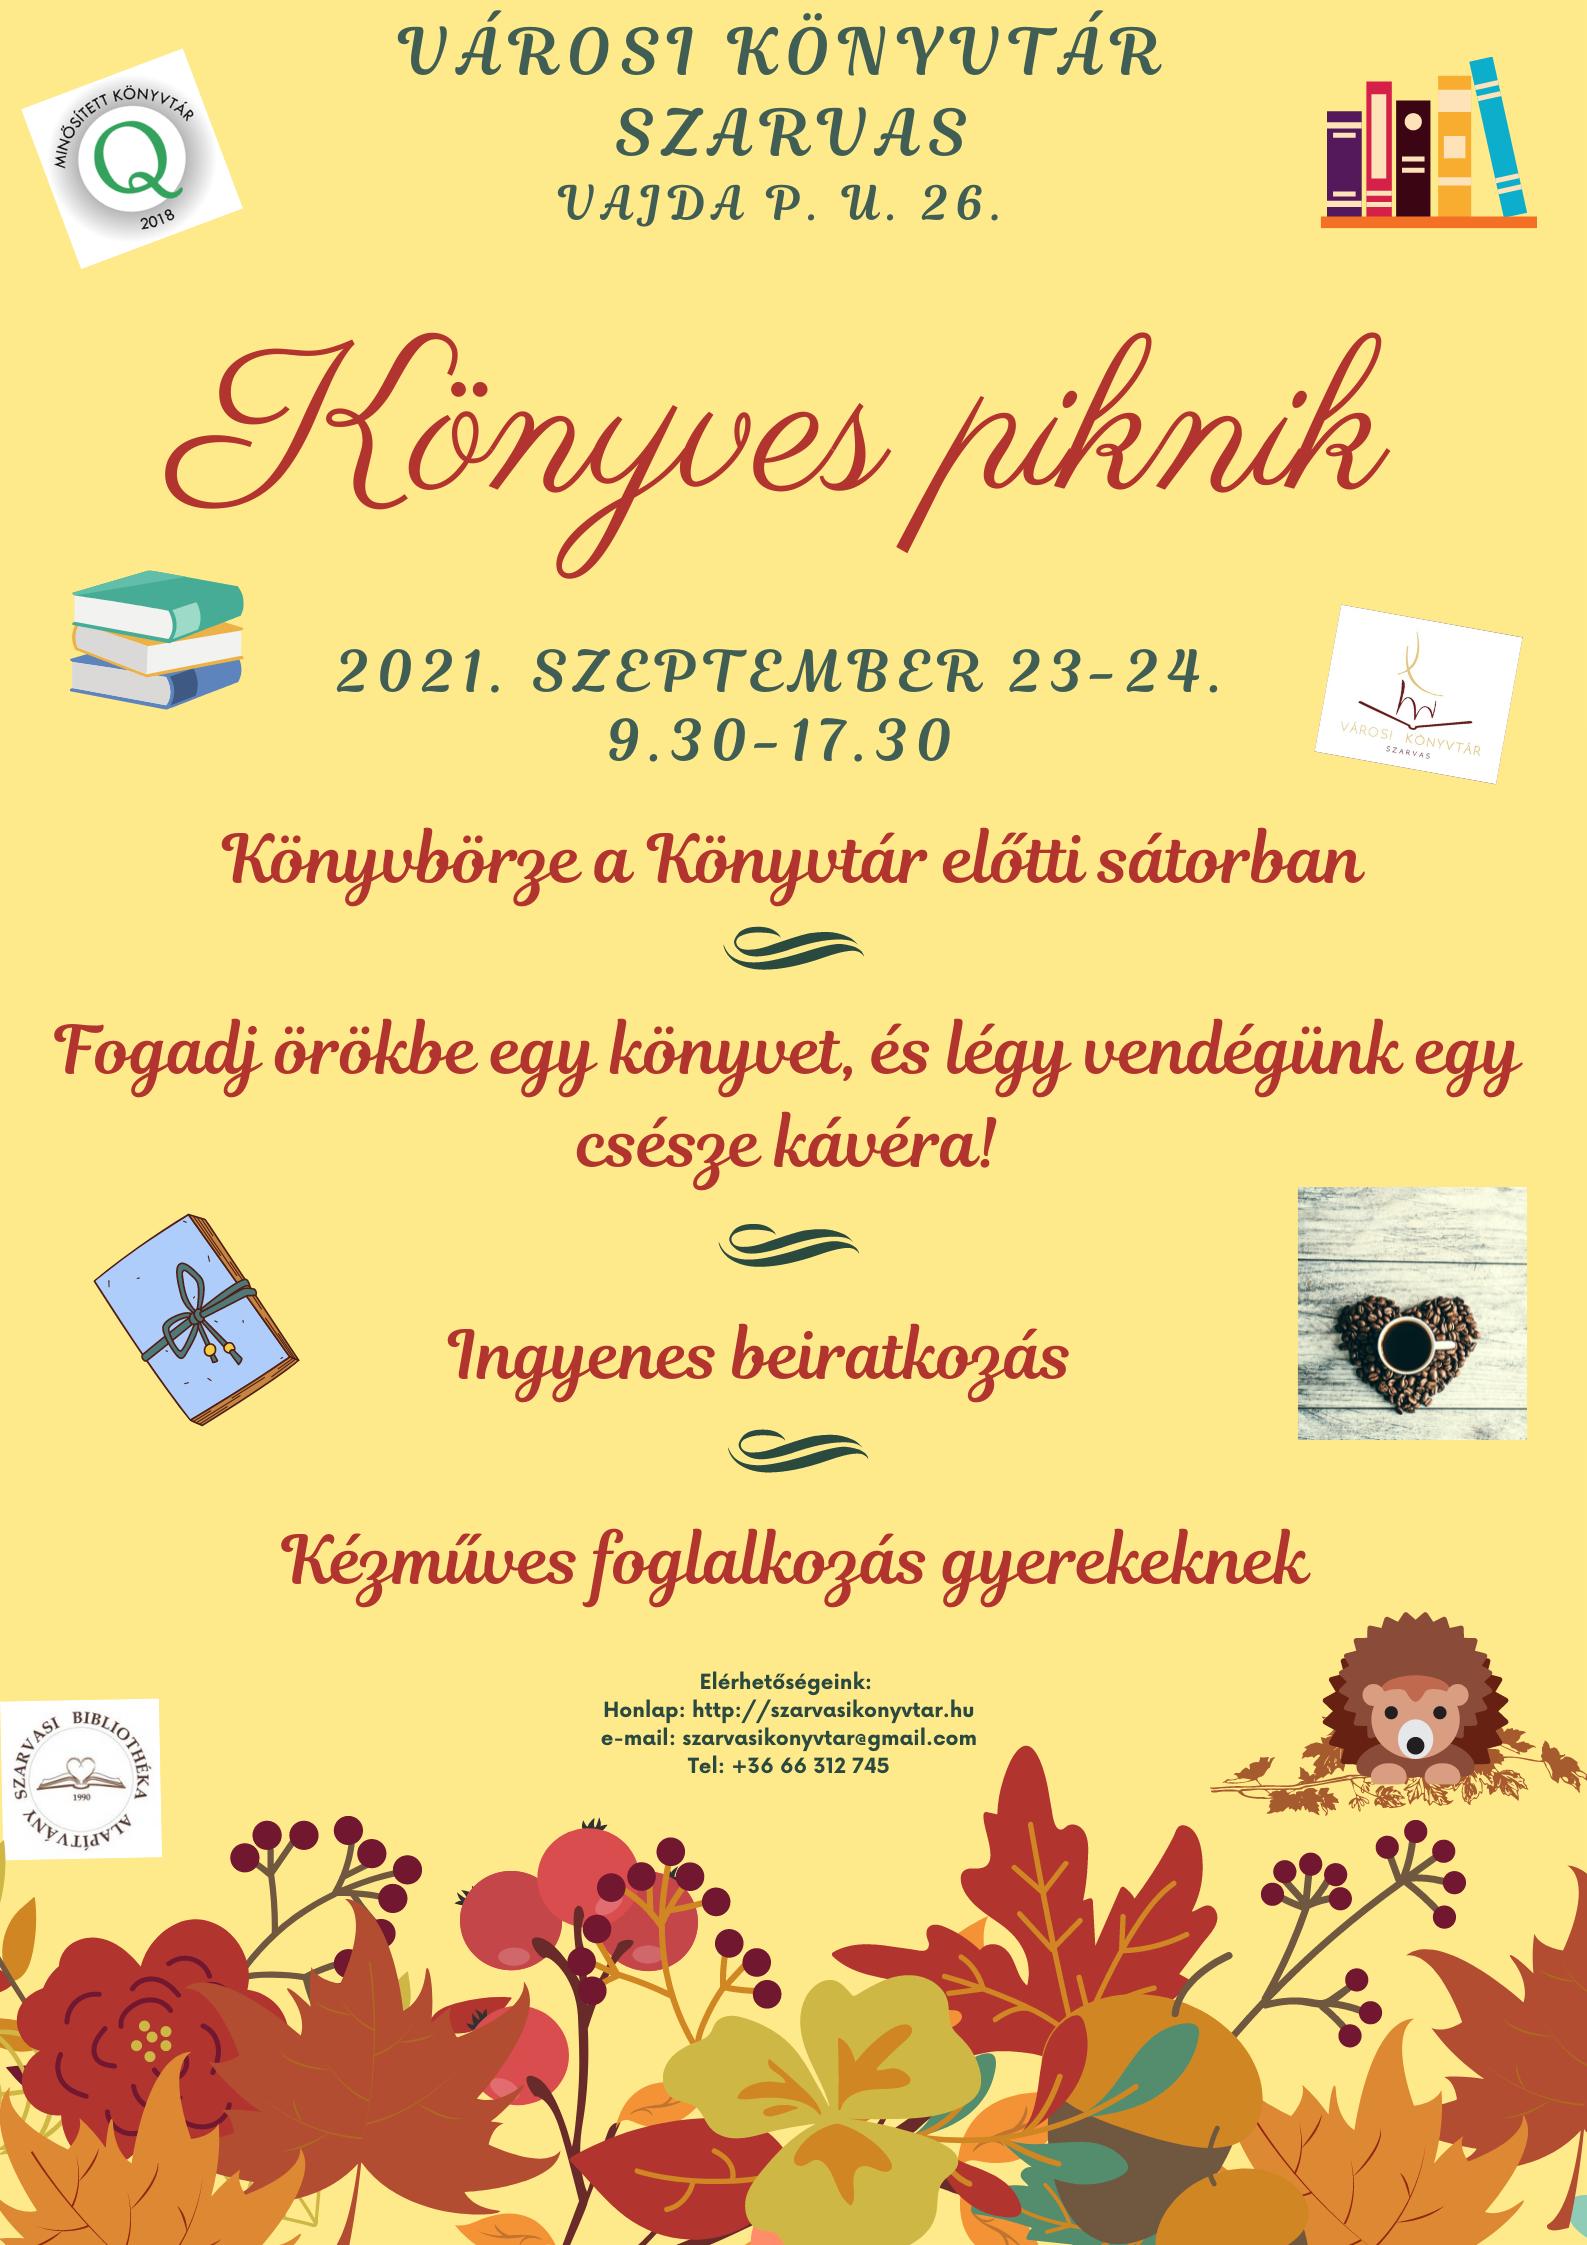 Könyves piknik másolata (1)